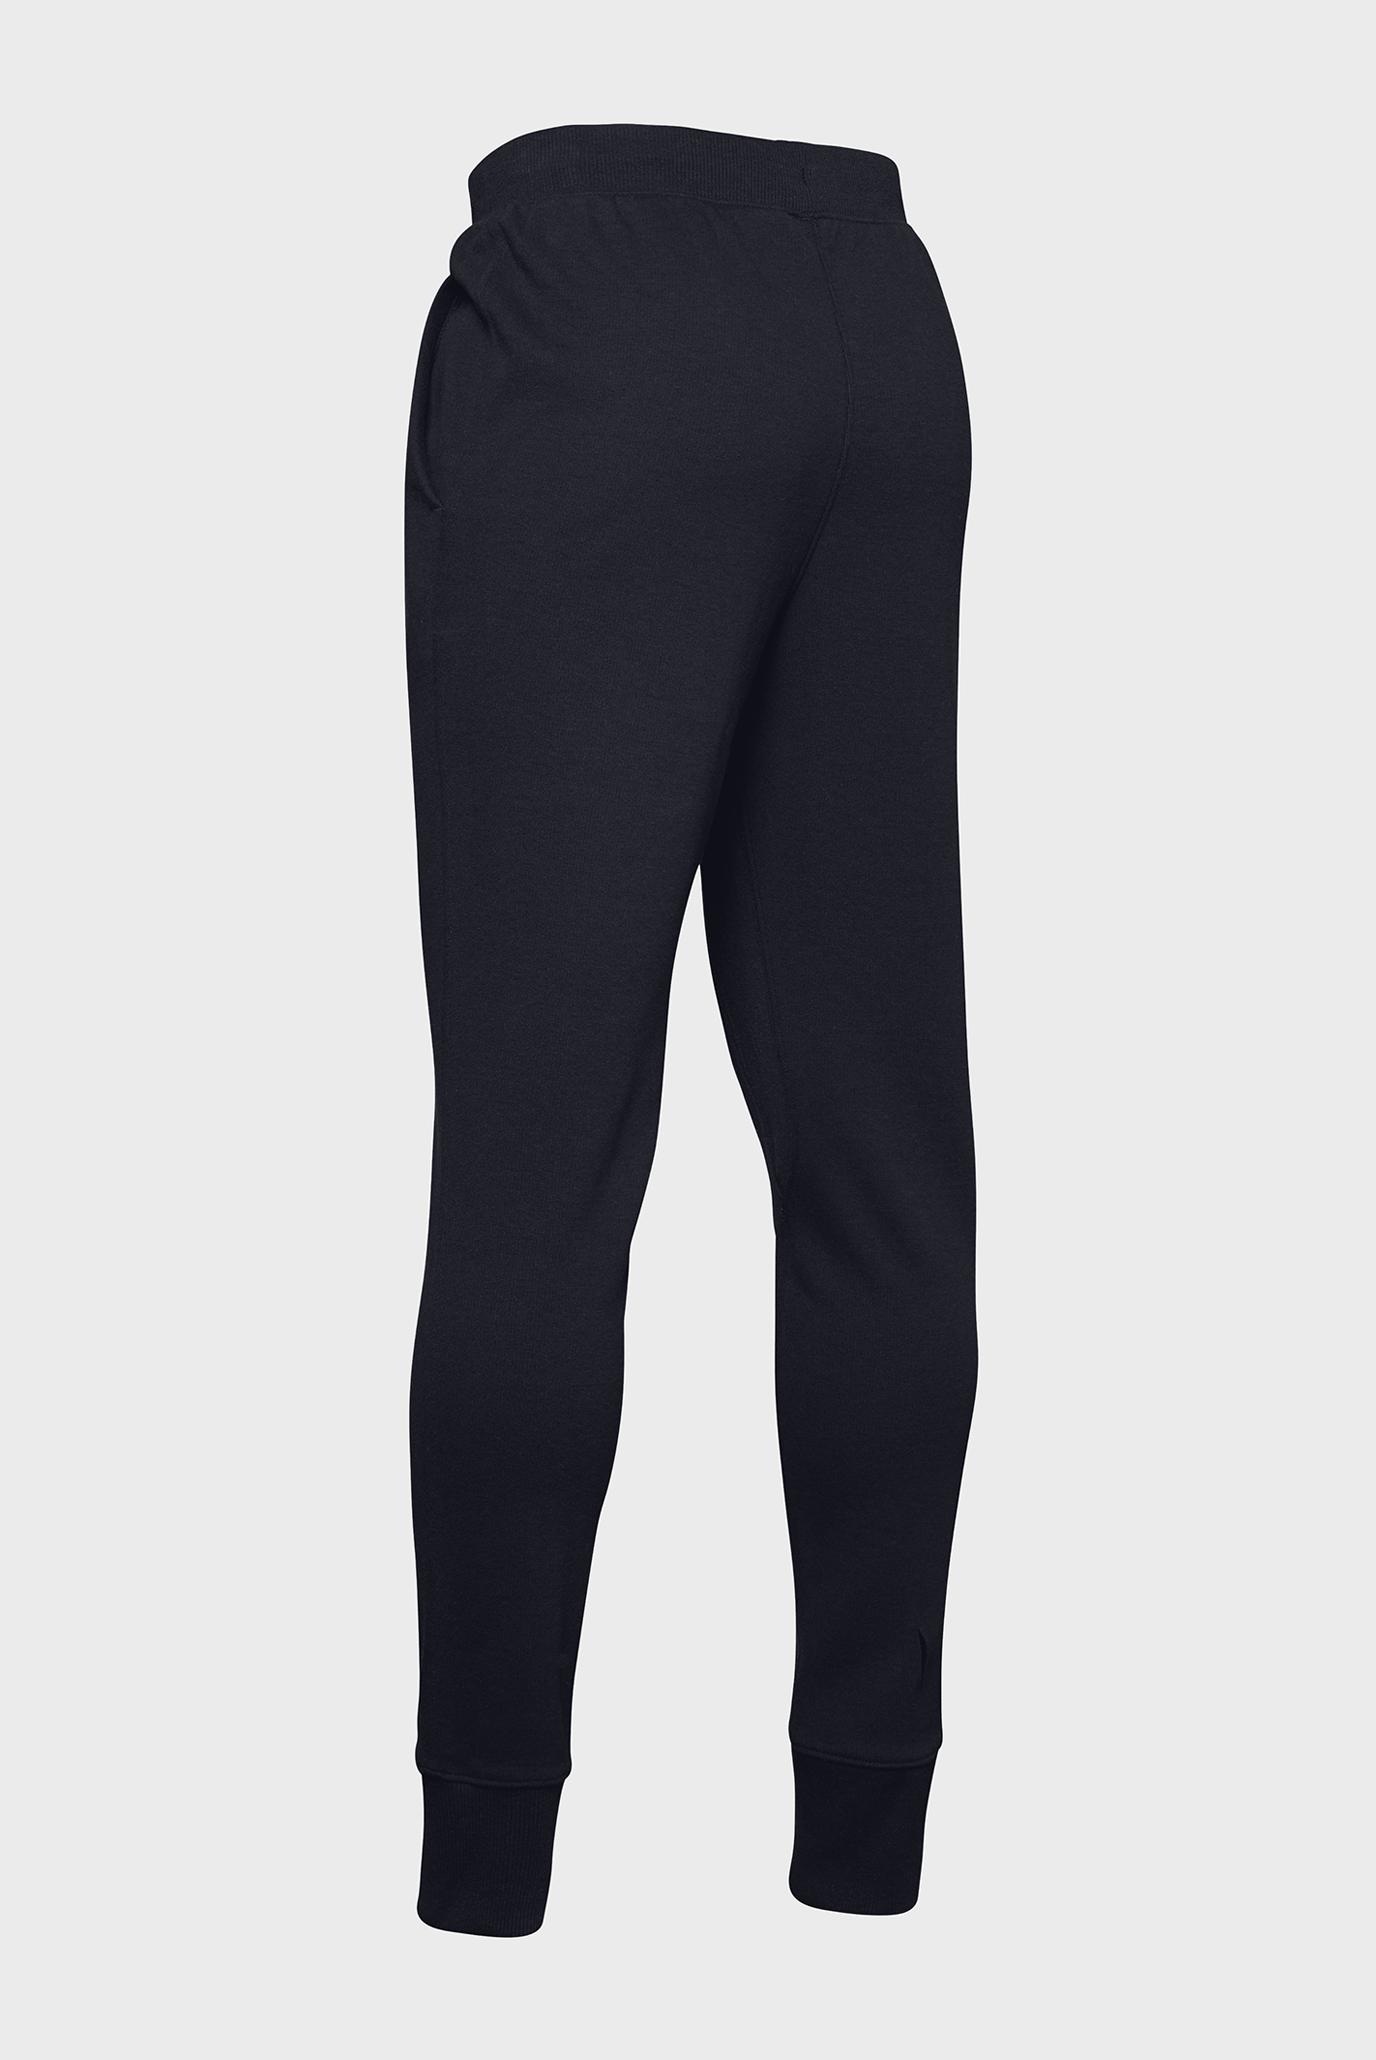 Купить Детские черные спортивные брюки Unstoppable Double Knit Pant Under Armour Under Armour 1343292-001 – Киев, Украина. Цены в интернет магазине MD Fashion